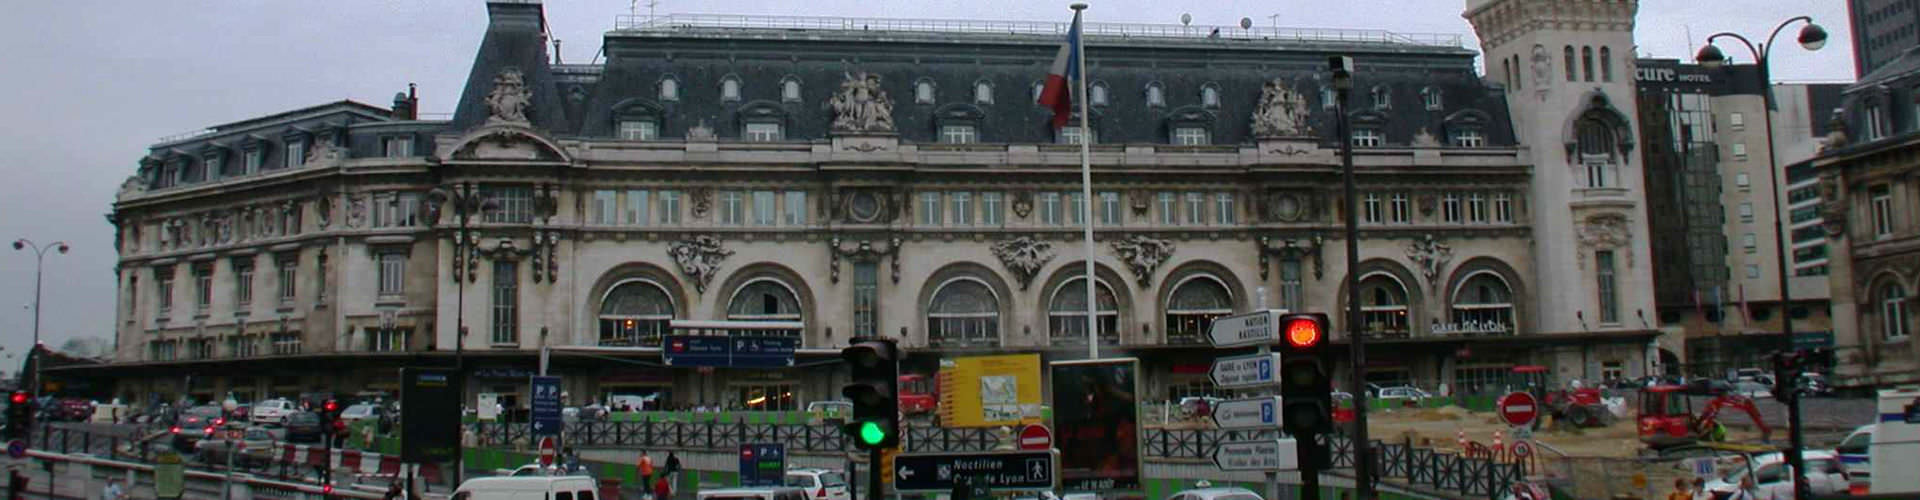 Paris - Zelten nahe Bahnhof Gare de Lyon. Paris auf der Karte. Fotos und Bewertungen für jeden Zeltplatz in Paris.